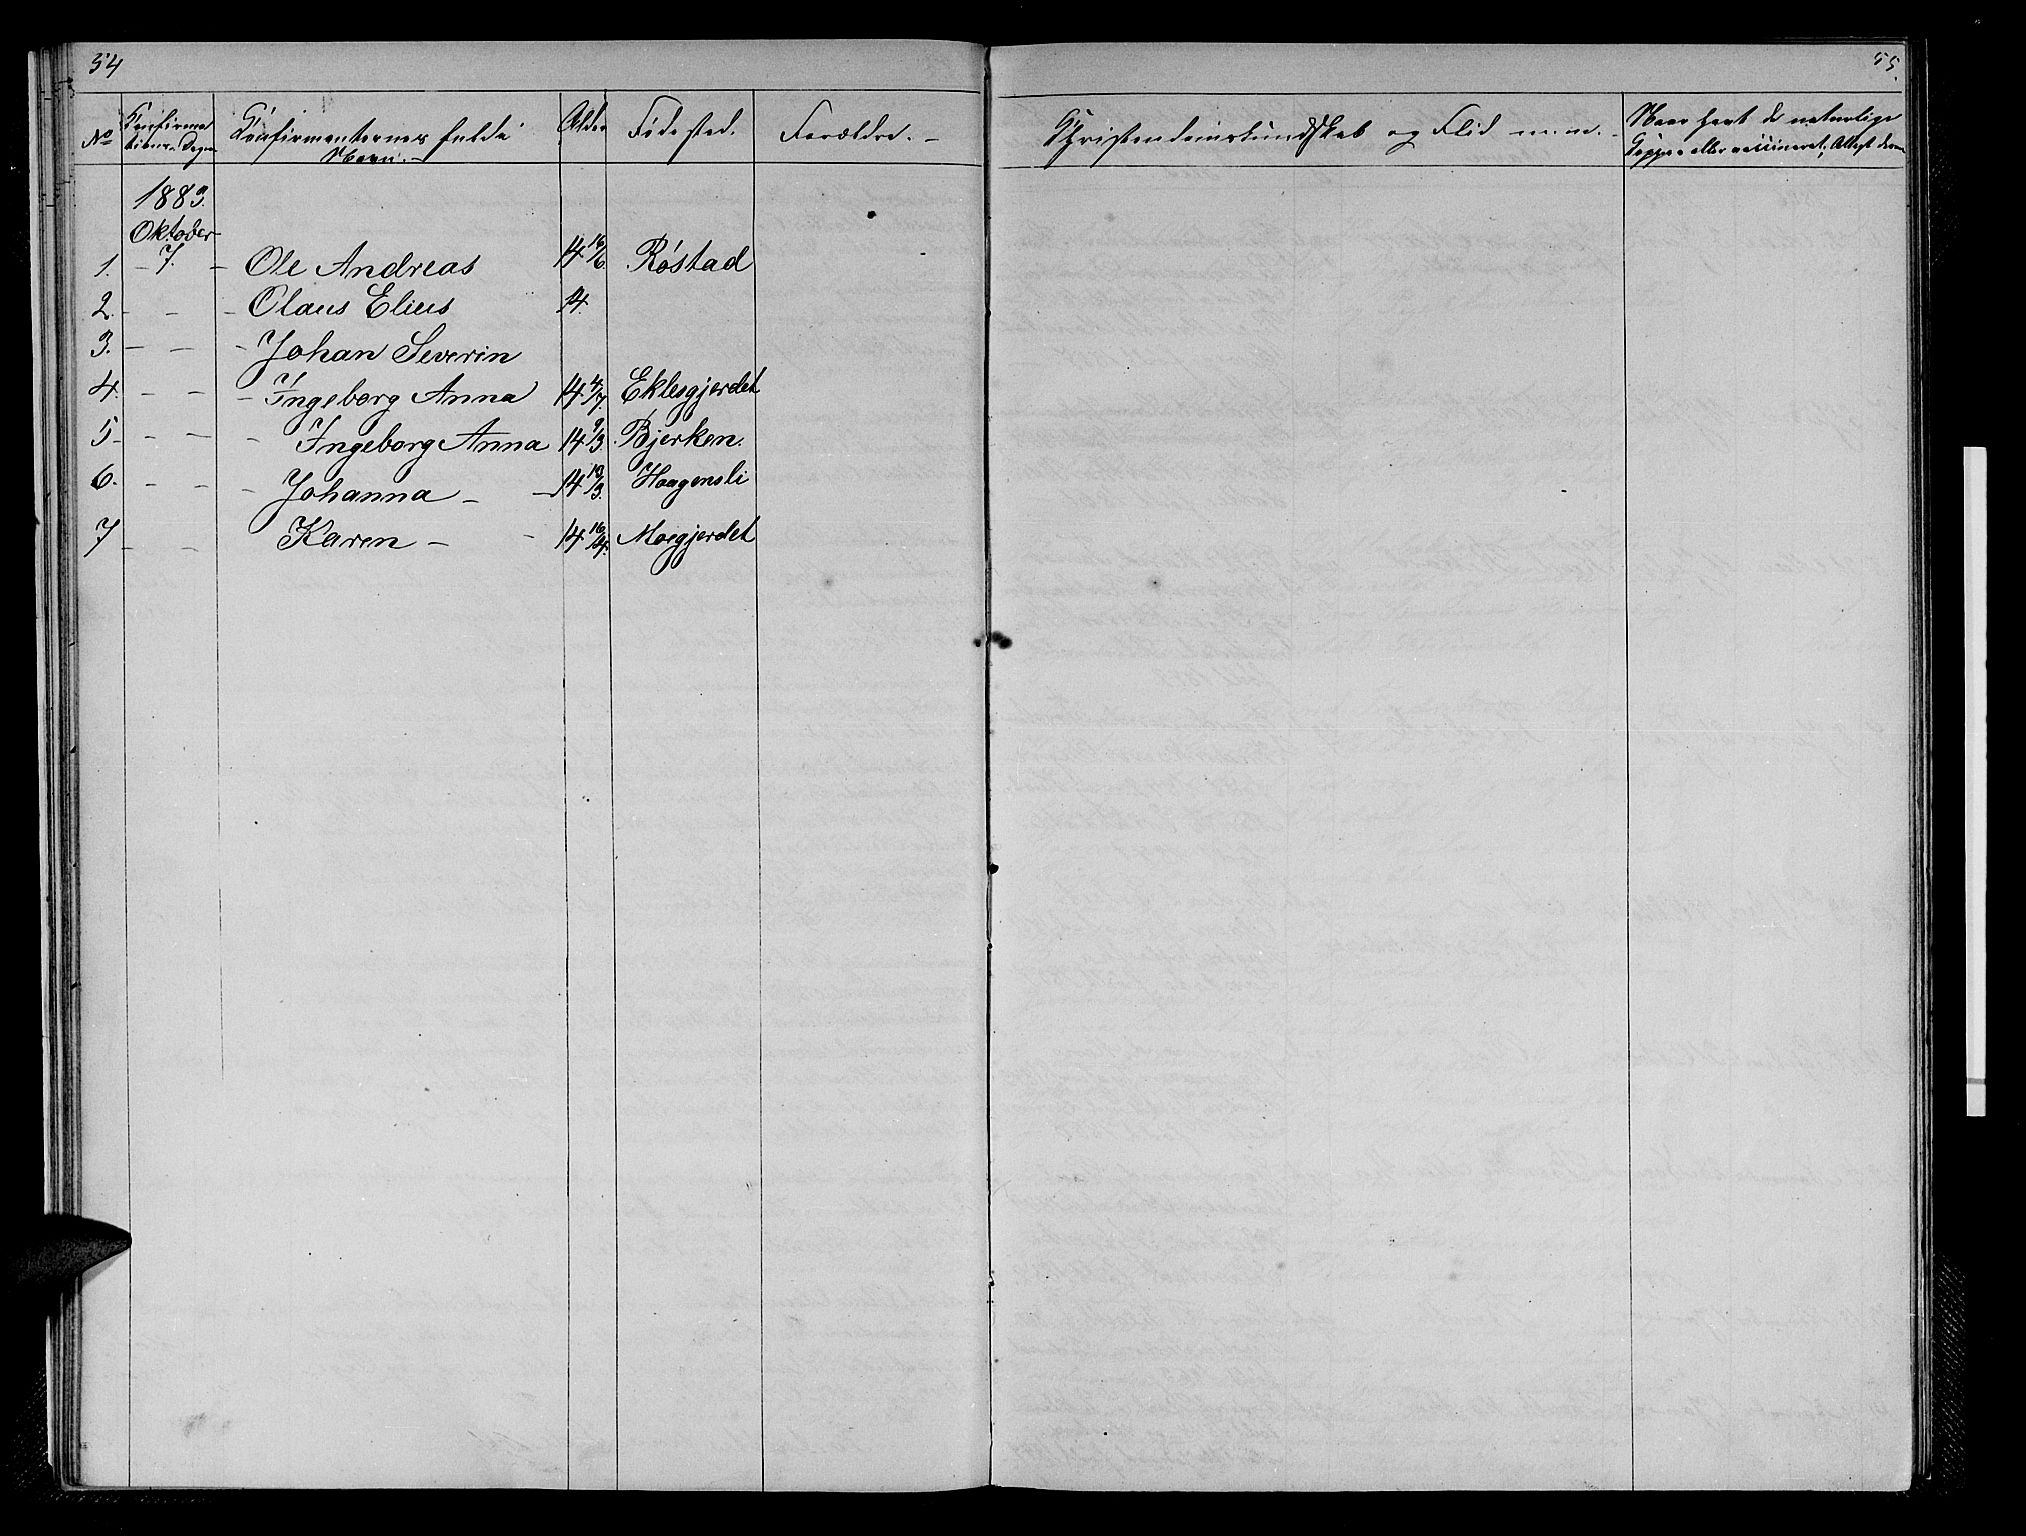 SAT, Ministerialprotokoller, klokkerbøker og fødselsregistre - Sør-Trøndelag, 608/L0340: Klokkerbok nr. 608C06, 1864-1889, s. 54-55